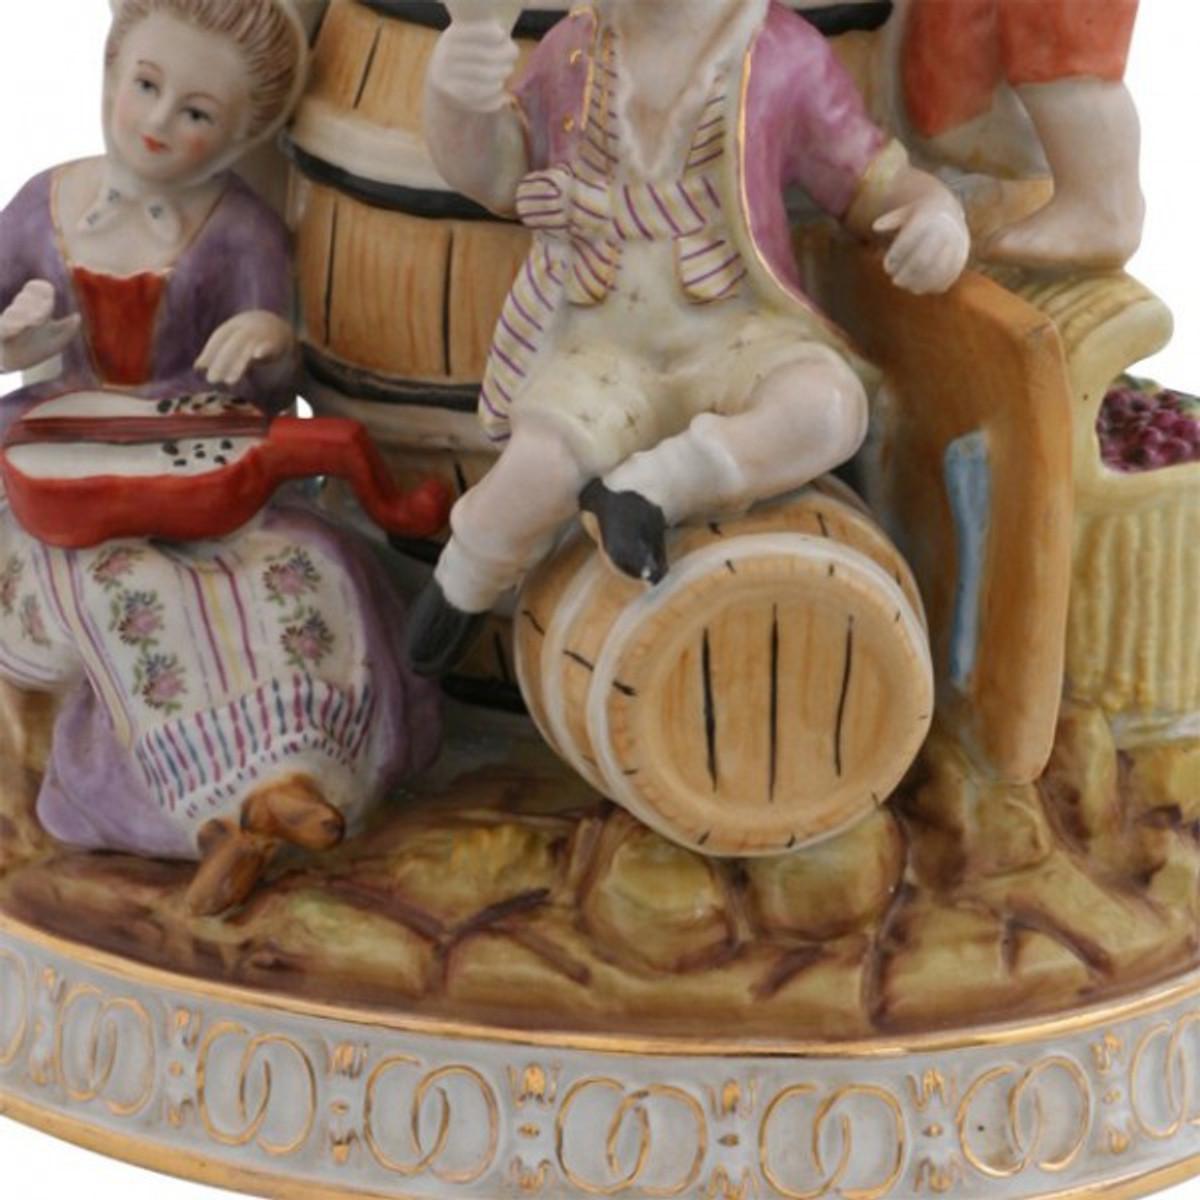 Weinprobe Porzellan Figur zeigt fidele Männer und Frauen beim Wein Trinken und Feiern.